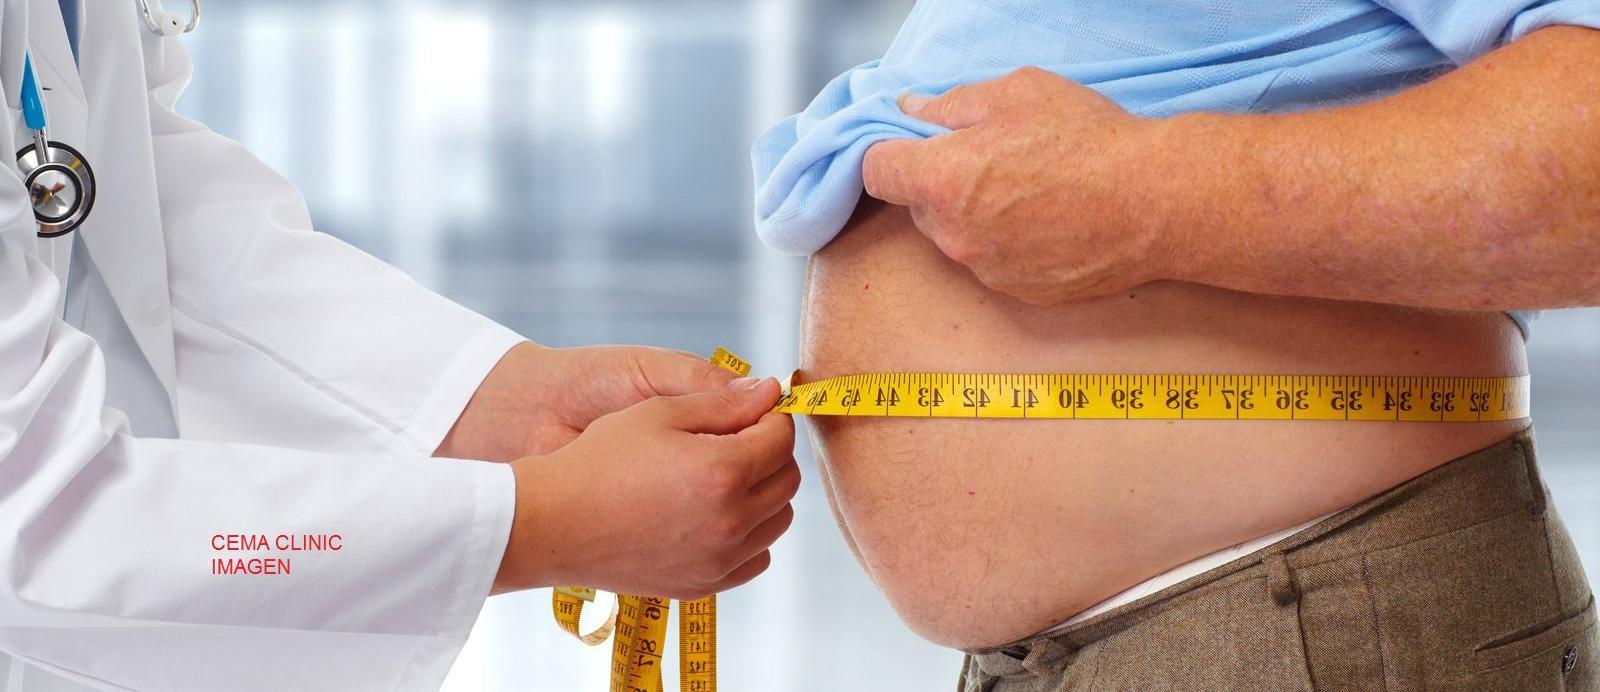 dietista nutricionista -obesidad adelgazamiento